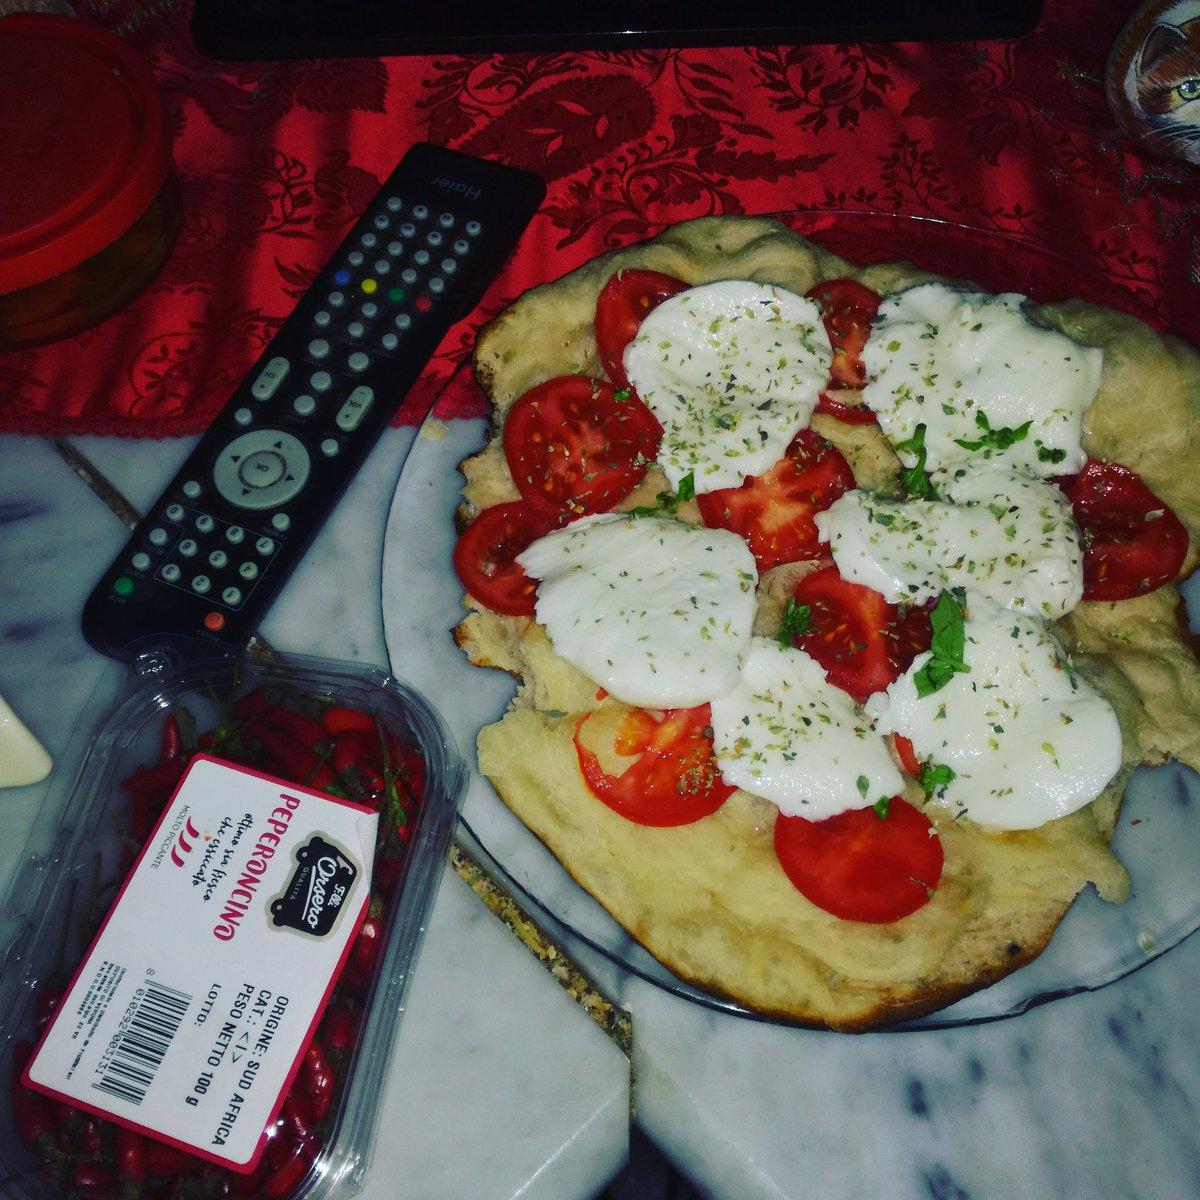 Una post e past domenica,con TV pizza e....Mandolino . Buona domenicasera pic.twitter.com/07tc2ky3wf